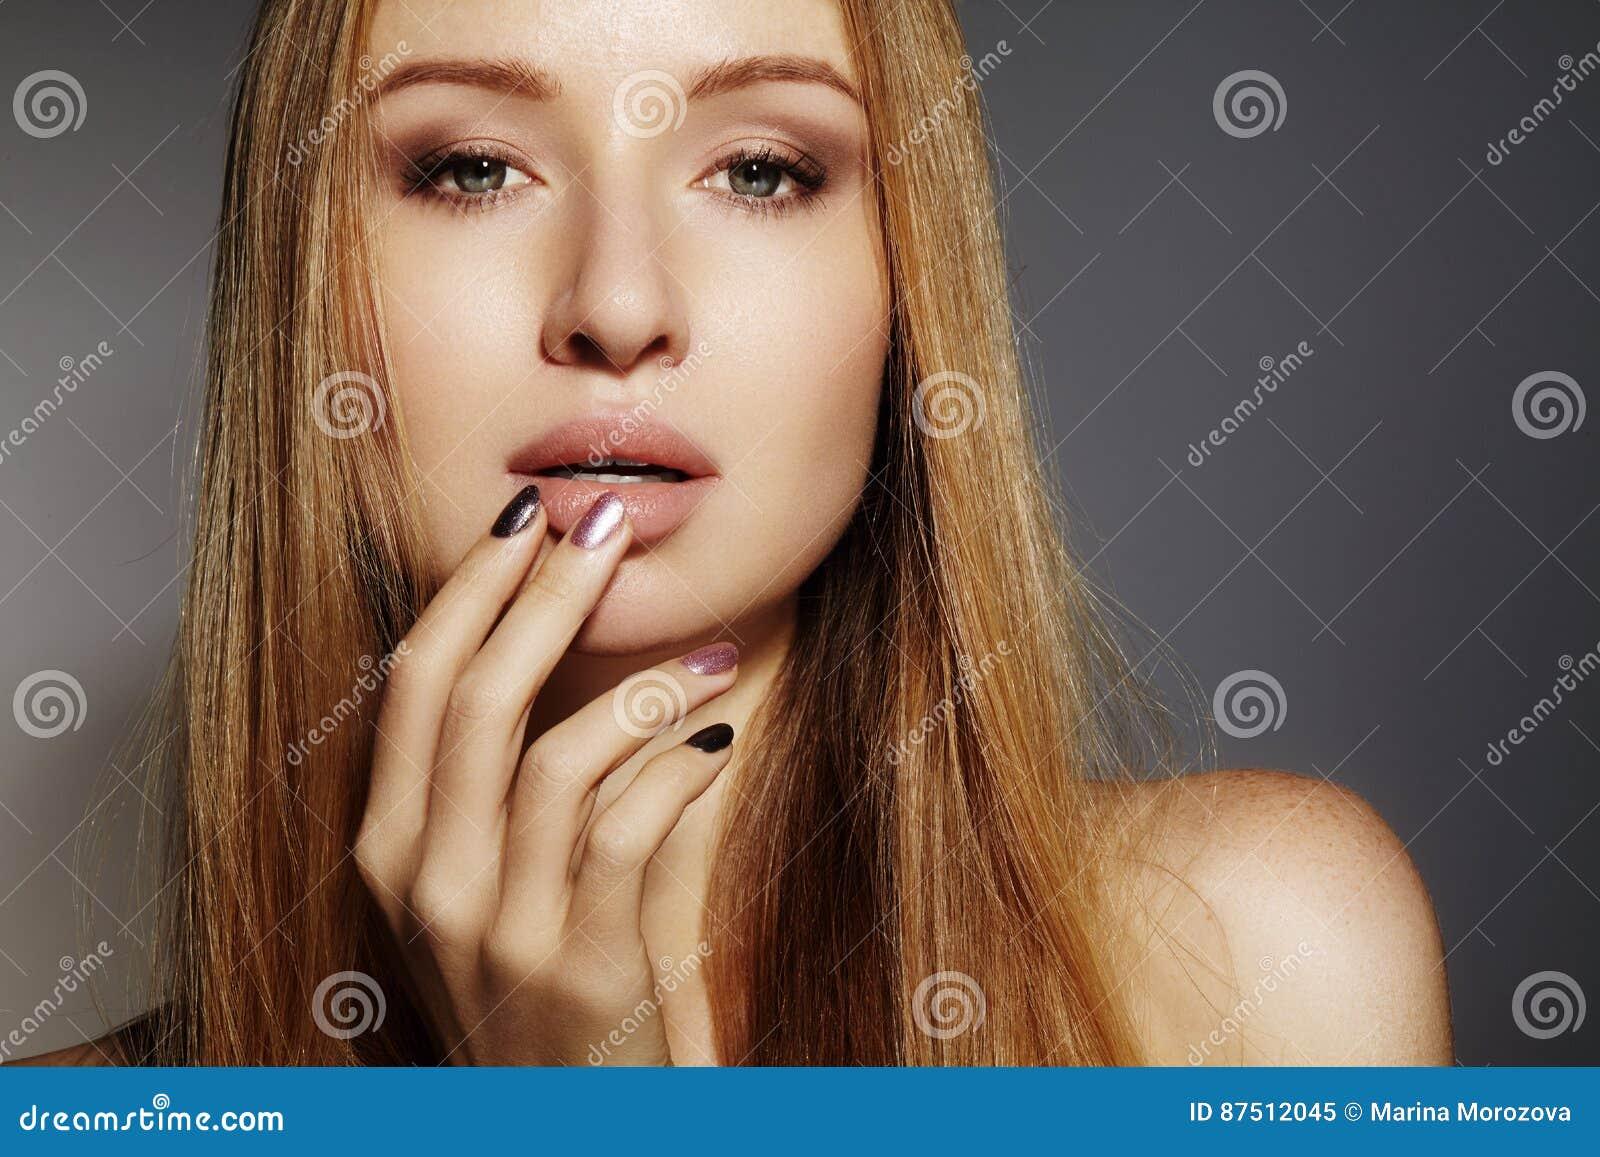 Moda Długie Włosy Piękna Blond Dziewczyna Zdrowy Prosty